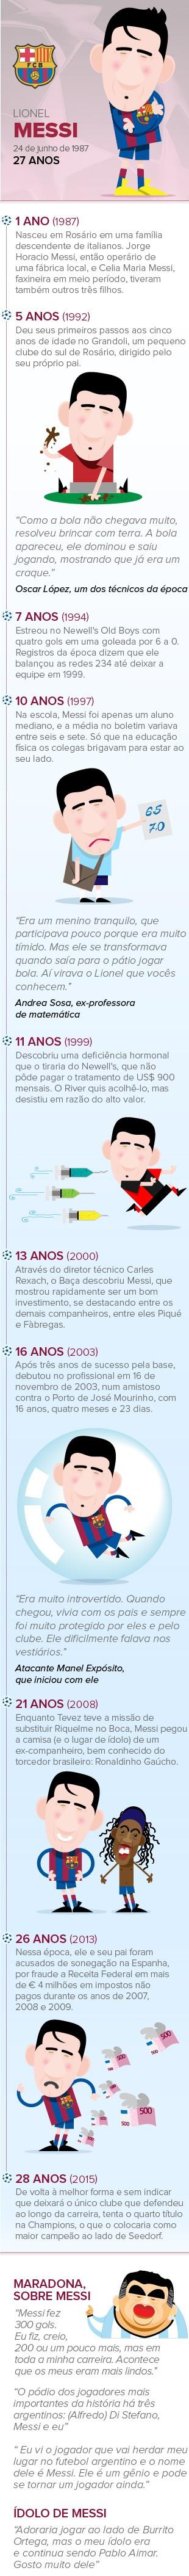 Info Linha do Tempo MESSI Juventus x Barcelona (Foto: infoesporte)